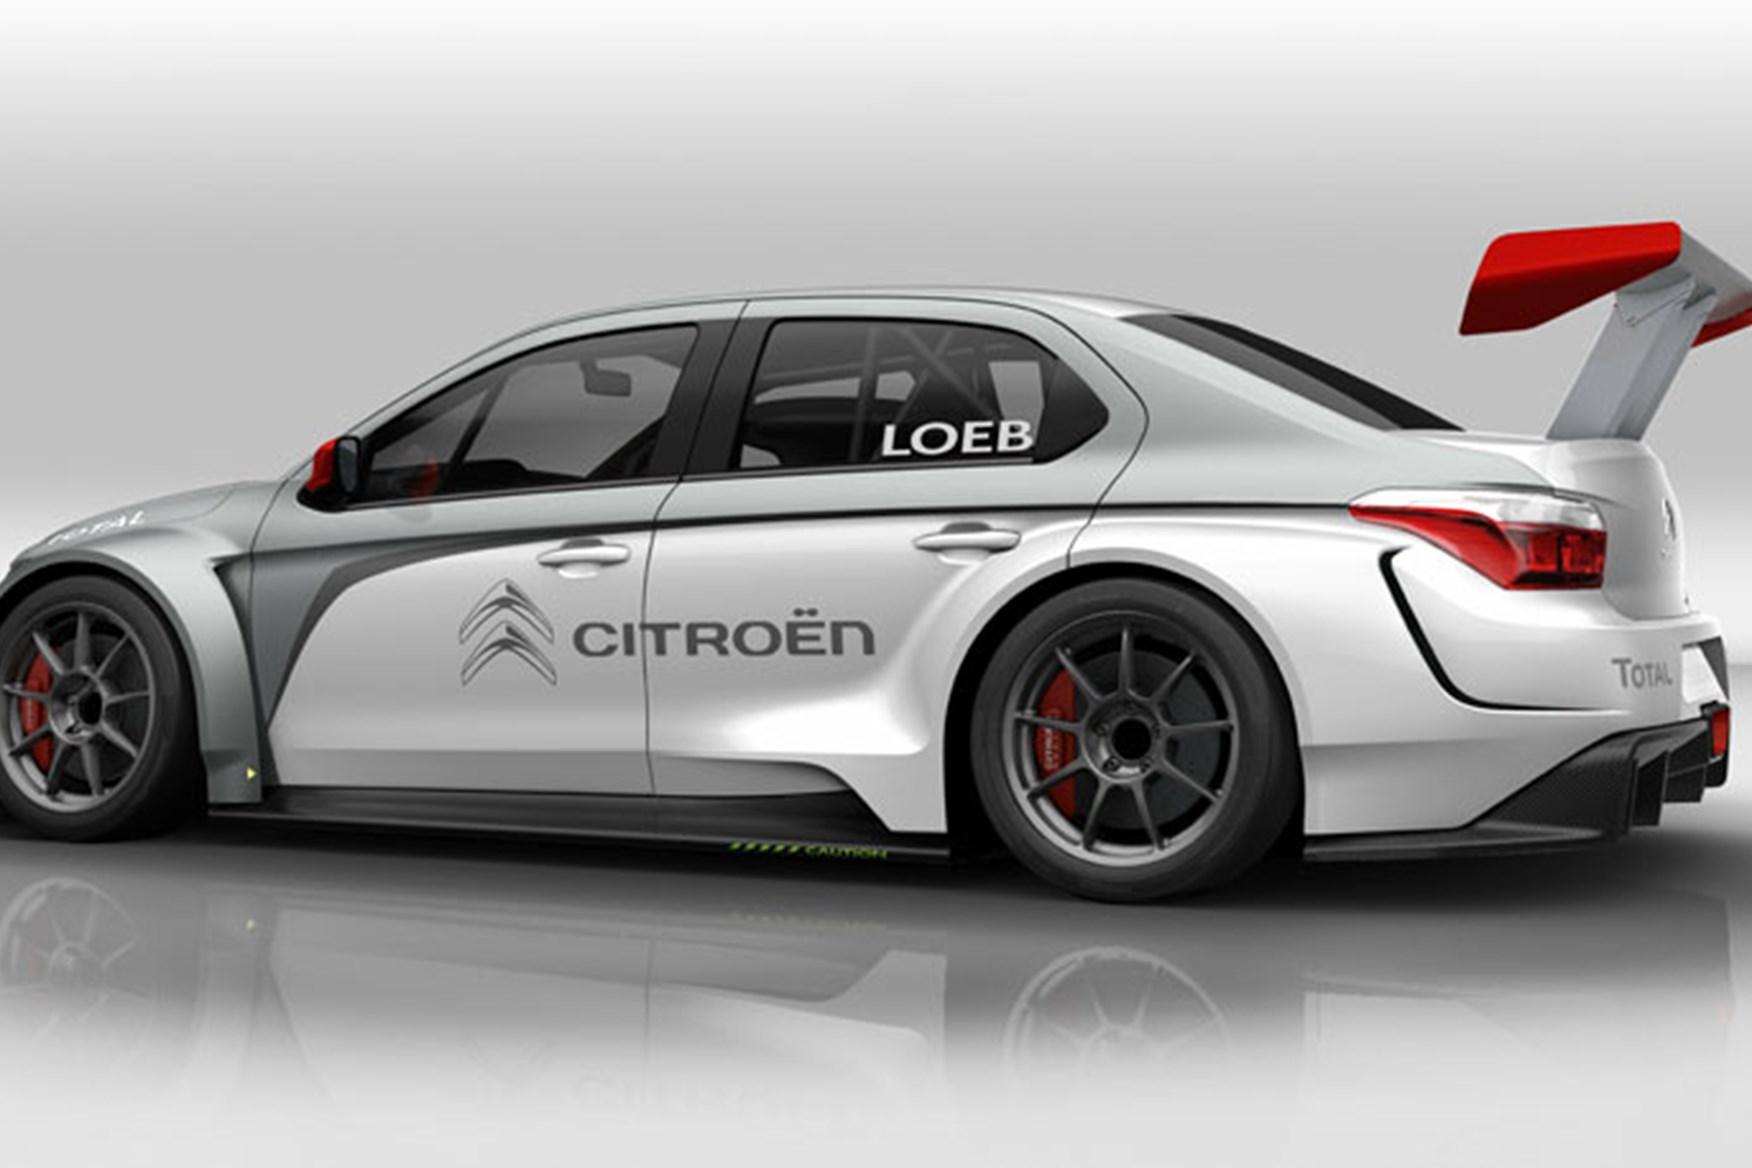 Citroën C-Elysée WTCC is Sebastien Loeb's New 380HP Ride